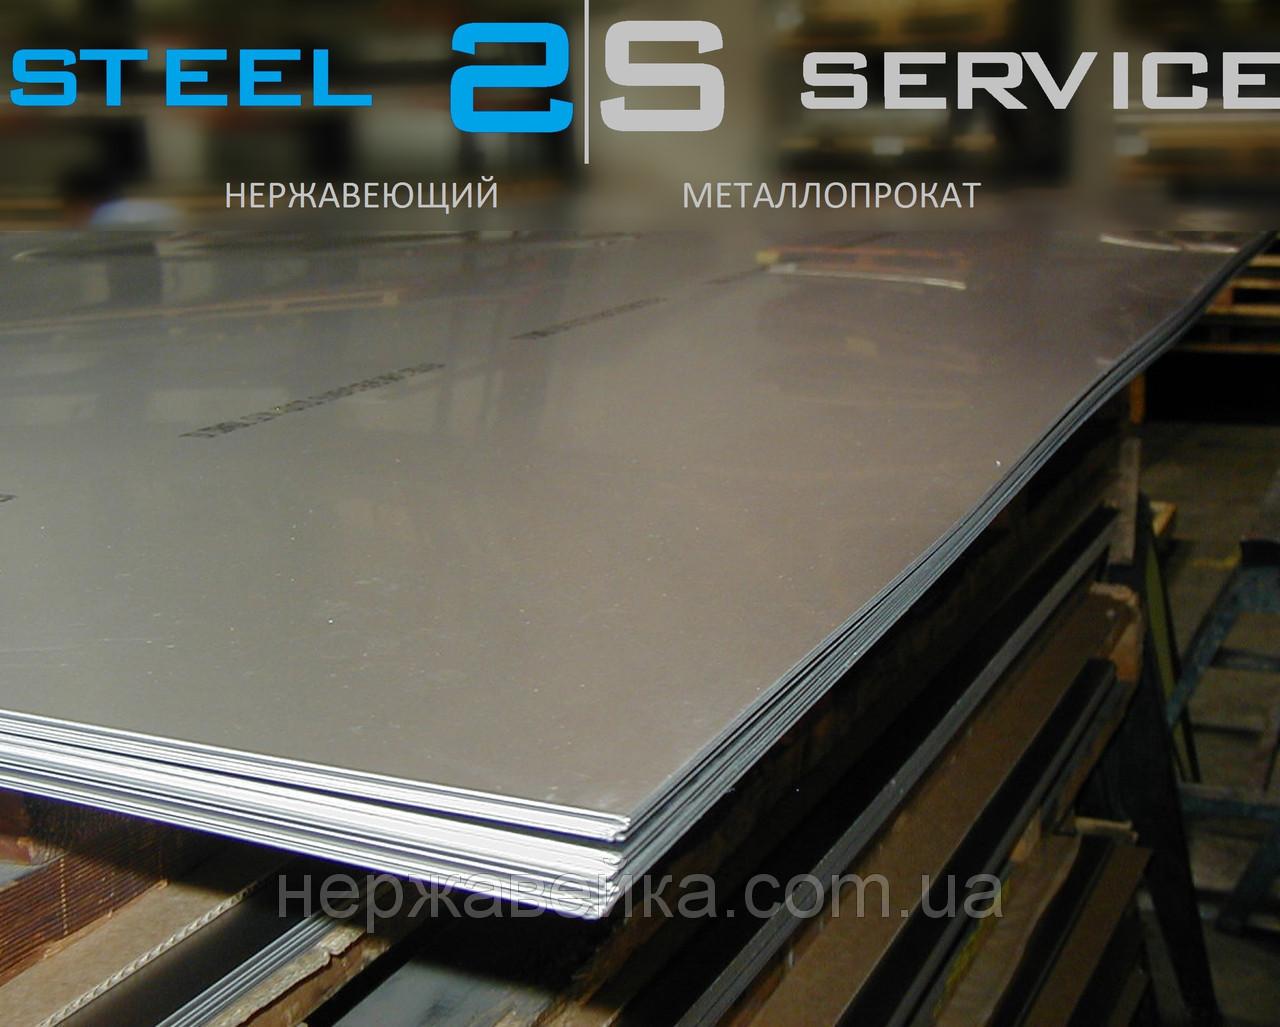 Нержавейка лист 20х1500х6000мм  AISI 304(08Х18Н10) F1 - горячекатанный,  пищевой